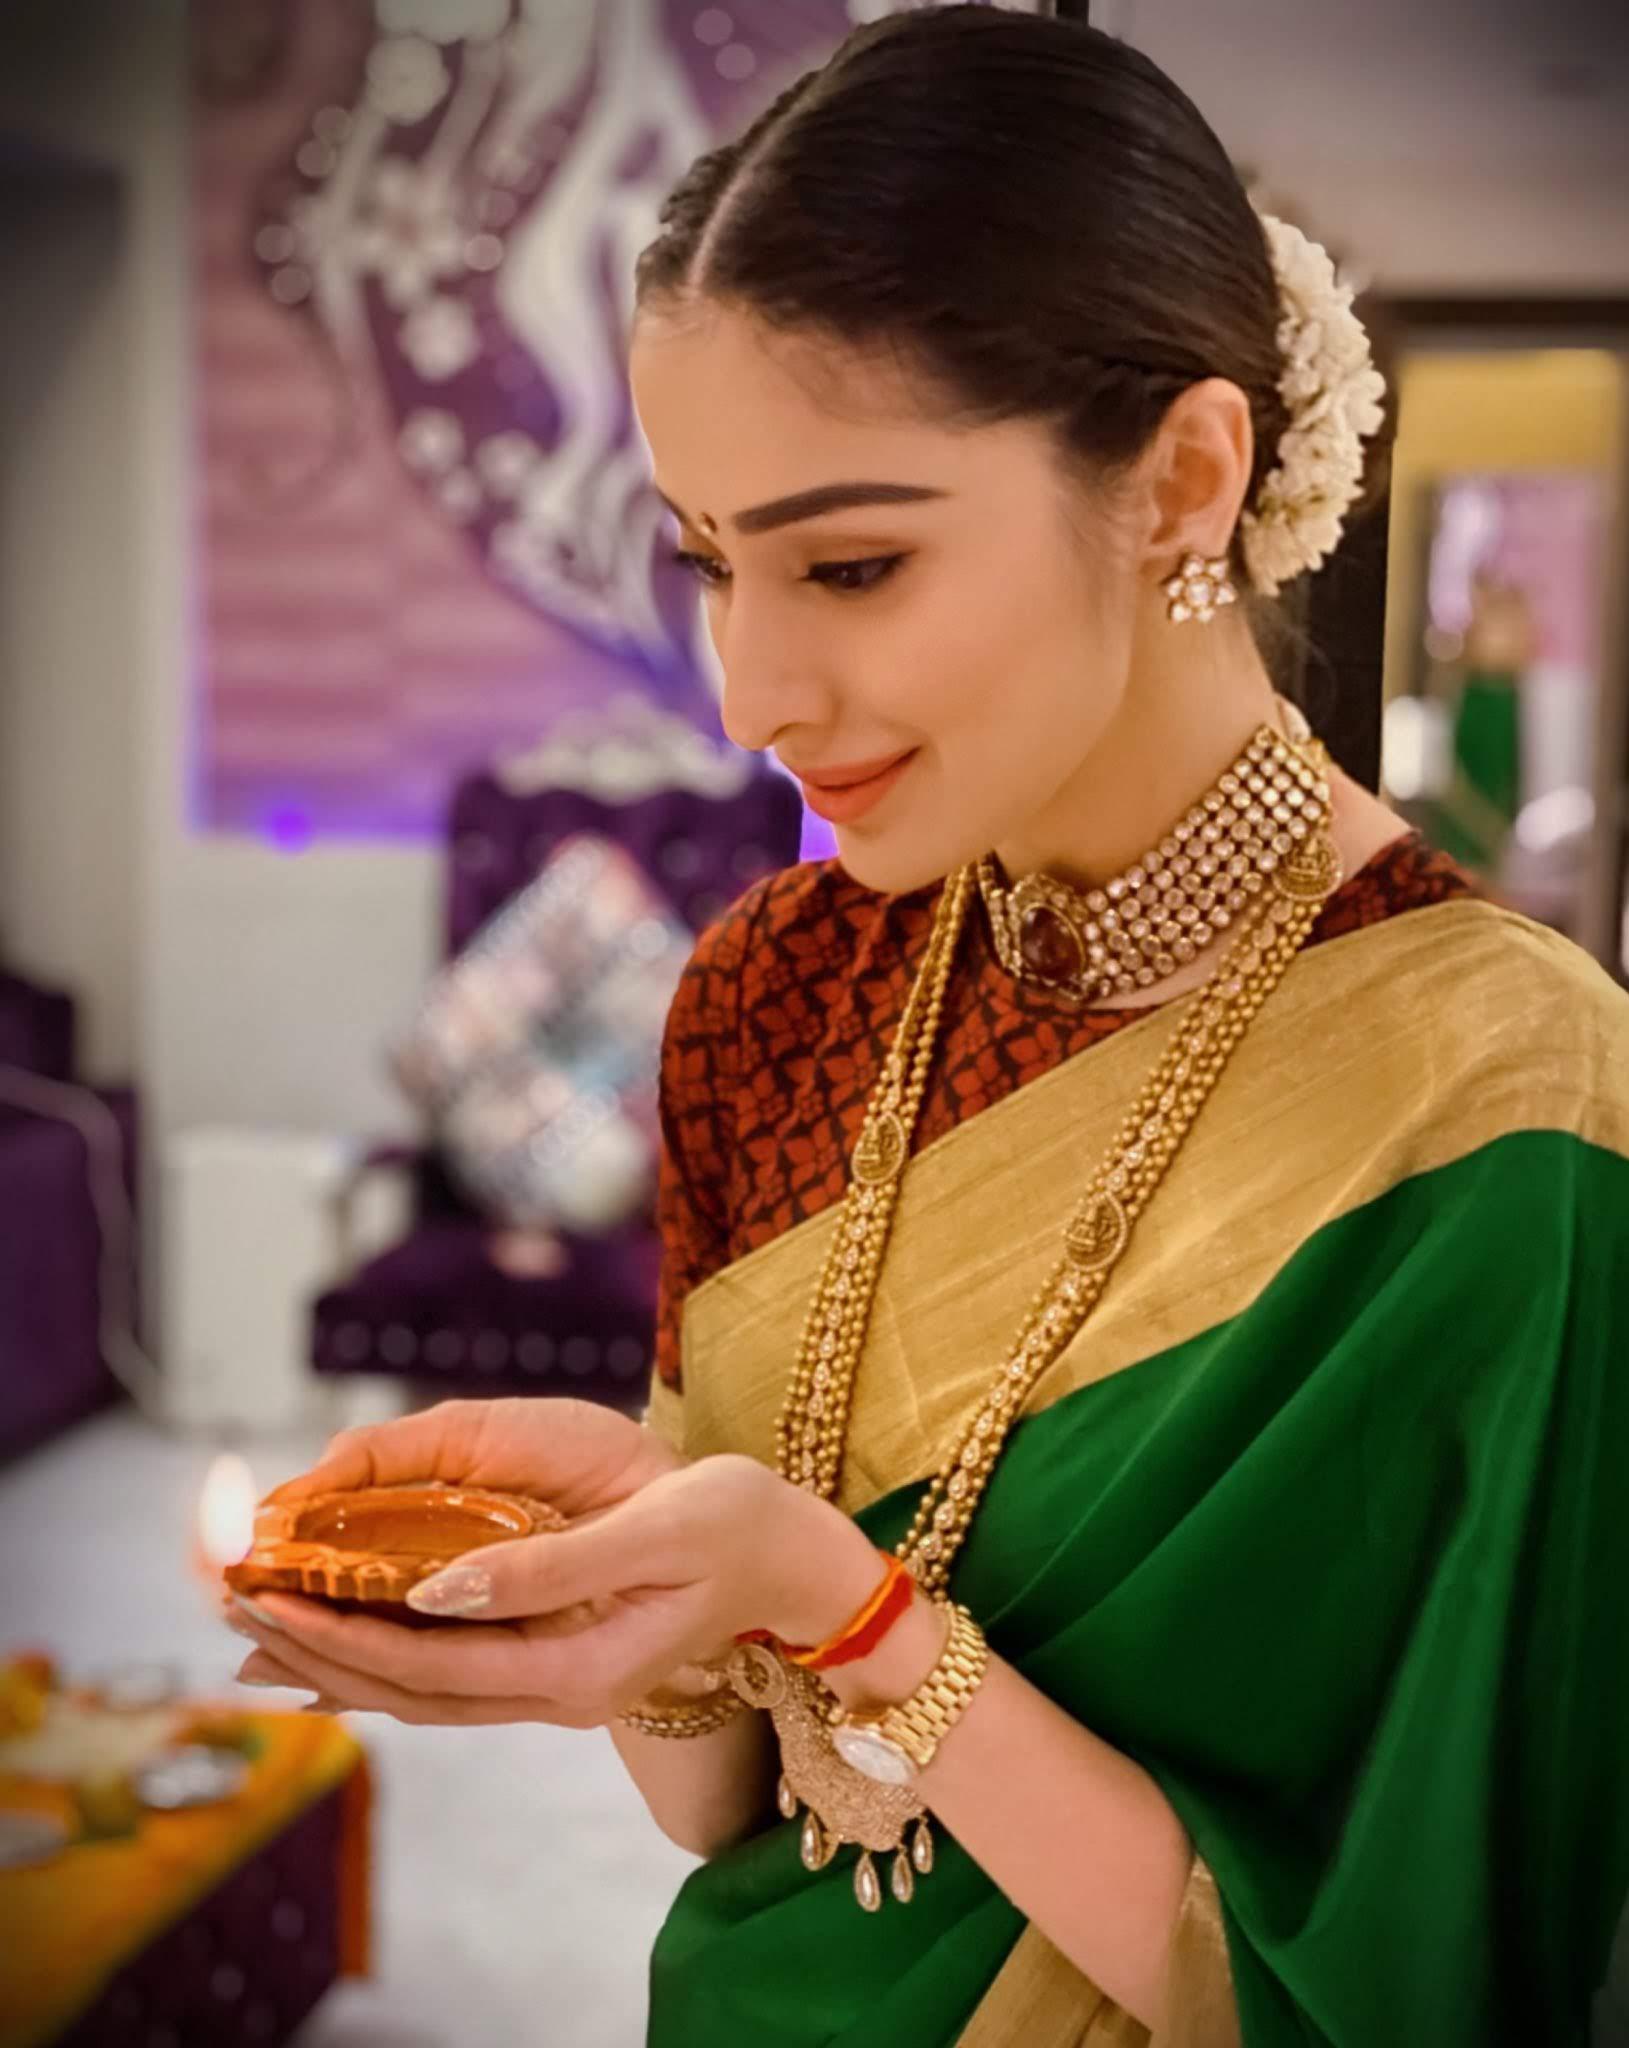 Rai-lakshmi-latest-images-32478